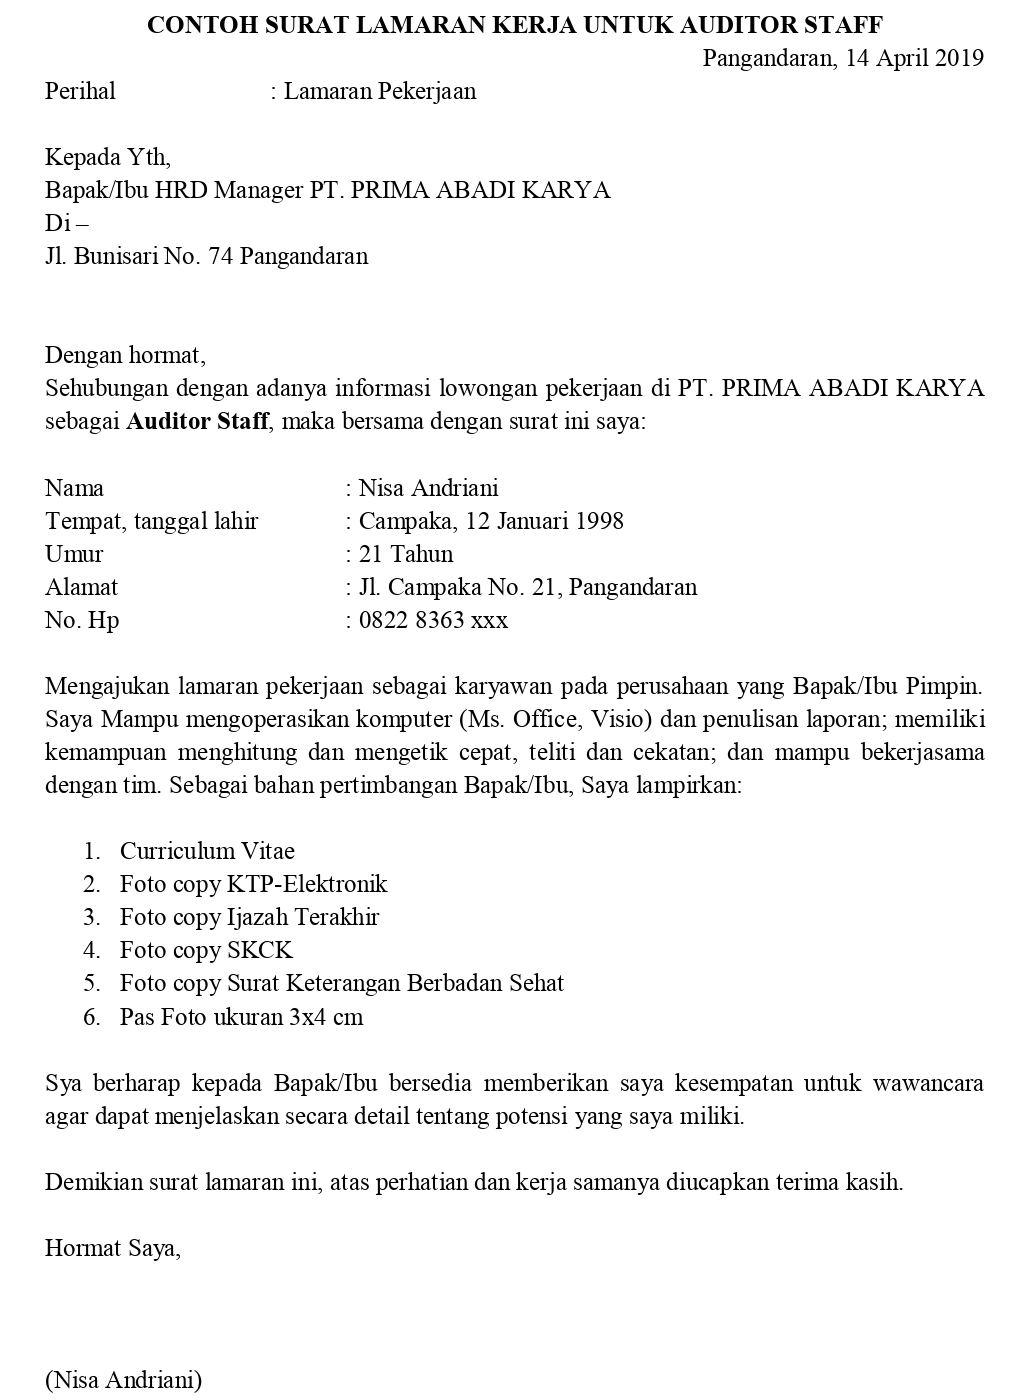 Contoh Surat Lamaran Pekerjaan Untuk Akuntansi Dan Keuangan Staff Accounting Managemen Akuntansi Dll Tanpakoma